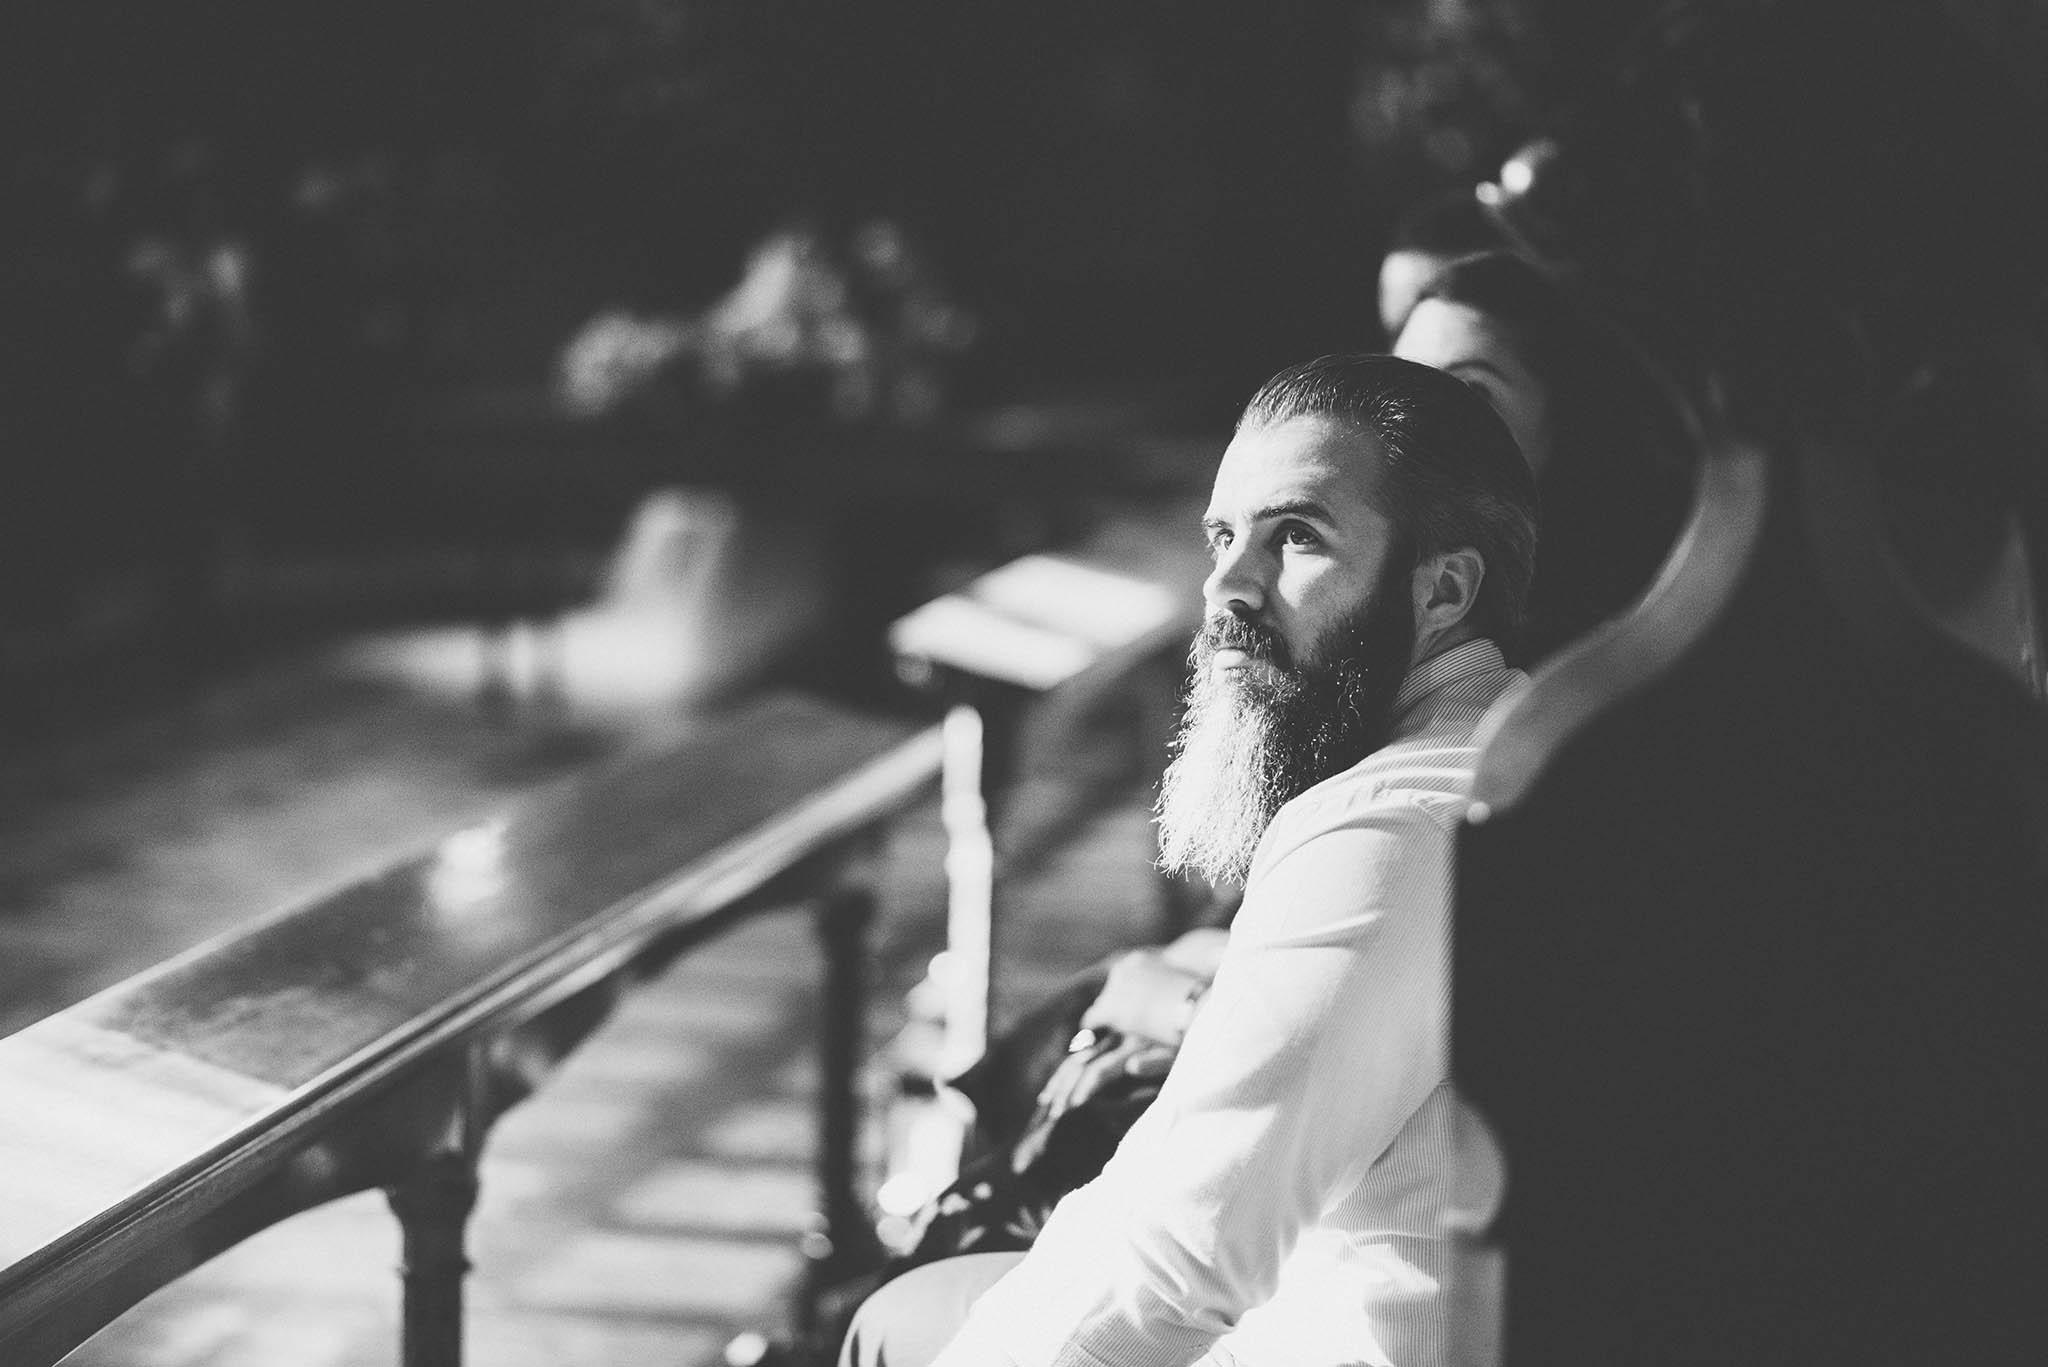 DSC_6286-wedding-blog-scott-stockwell-photography-end-2017.jpg